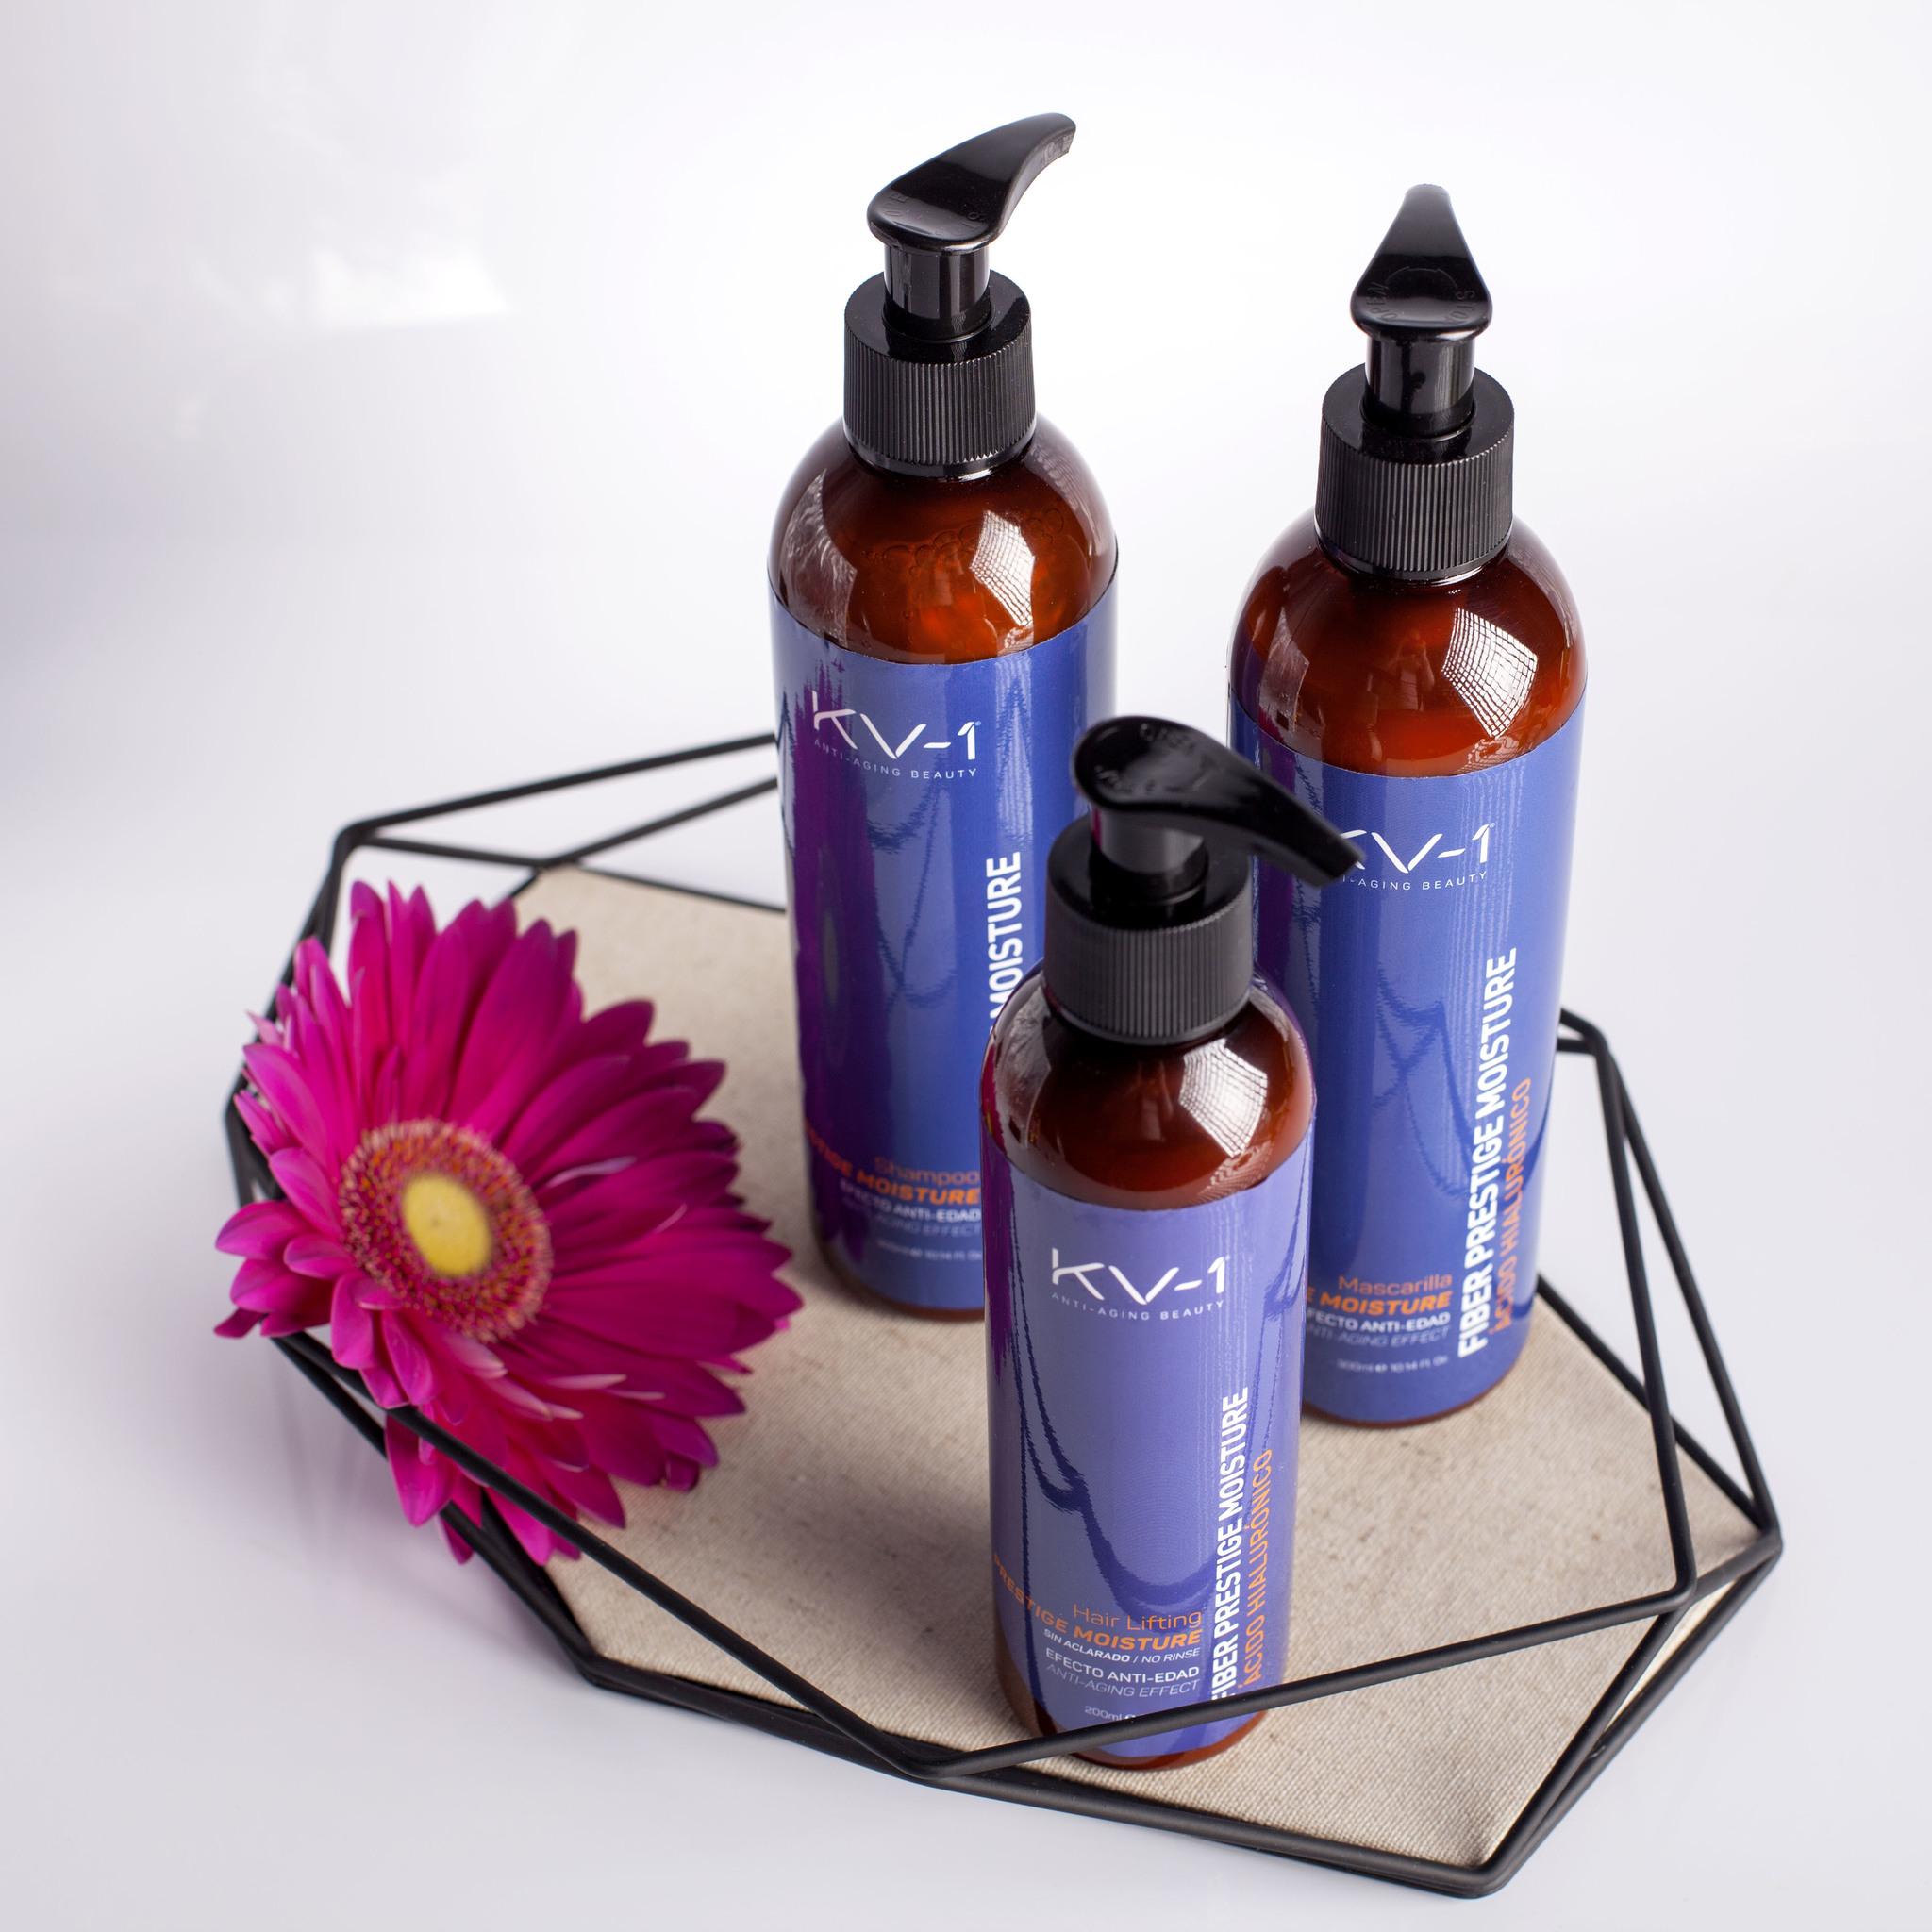 Интесивное увлажнение волос Fiber Prestige Moisture KV-1